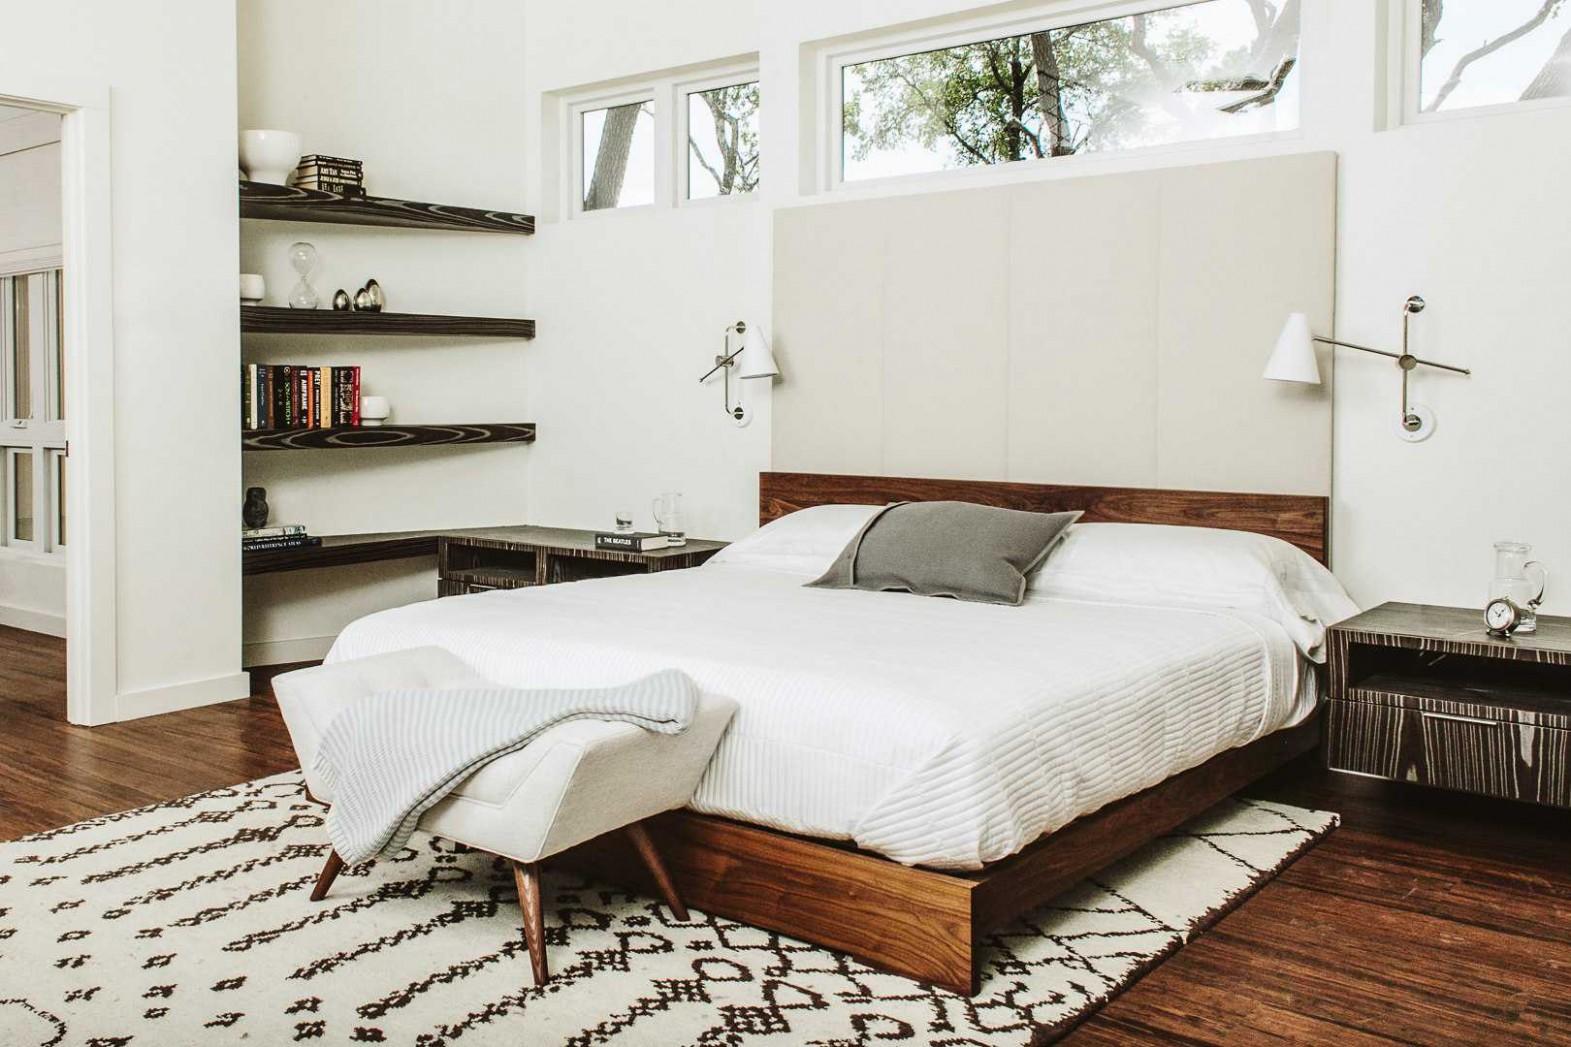 10 Mid-Century Modern Bedroom Decorating Ideas - Bedroom Ideas Vintage Modern